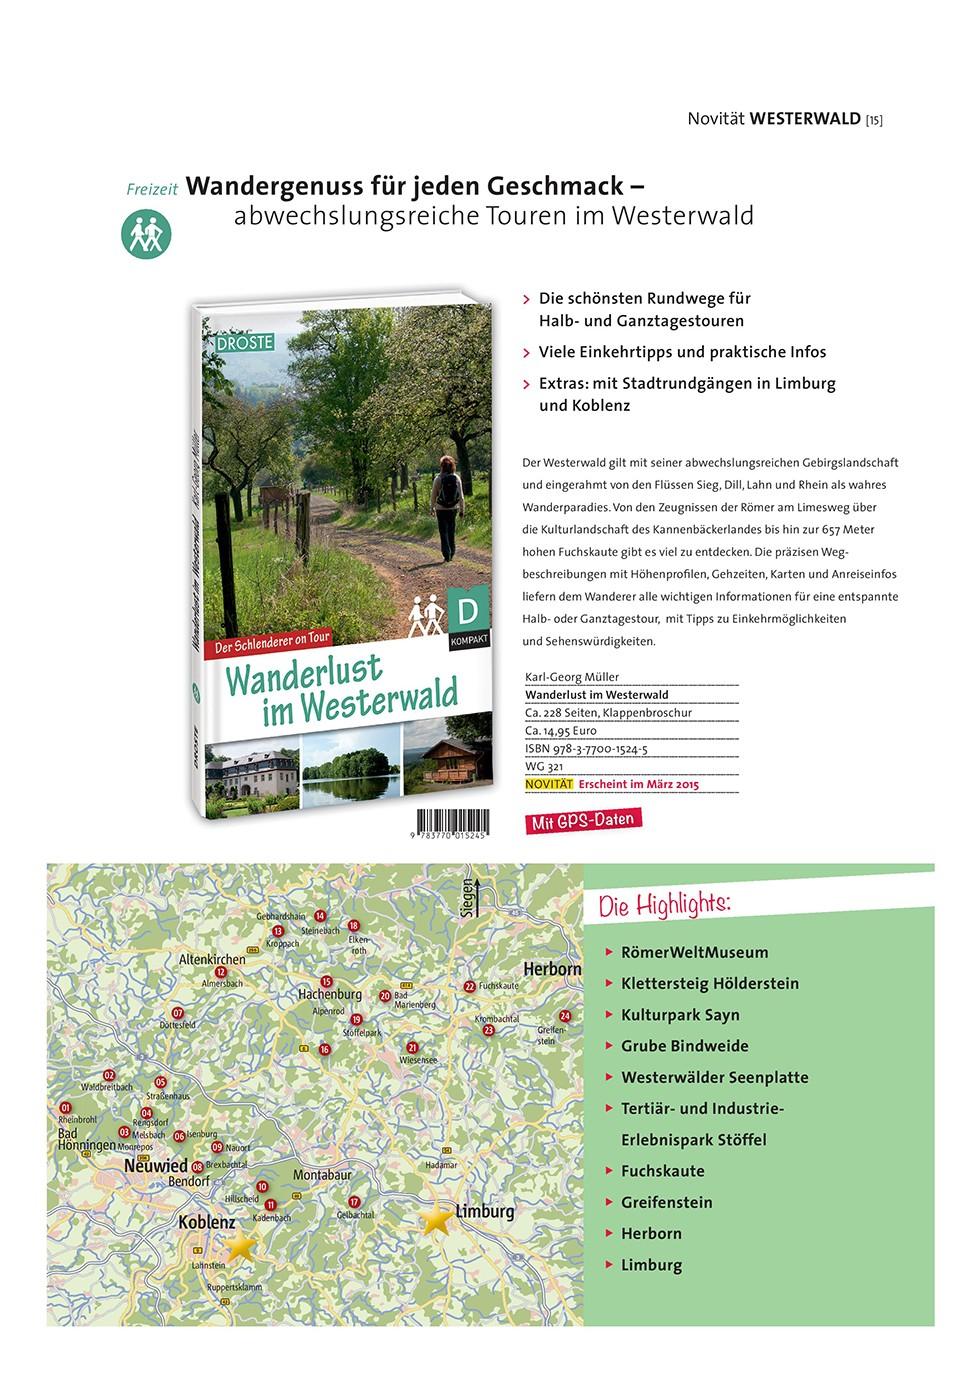 Wanderlust im Westerwald (Droste Verlag)